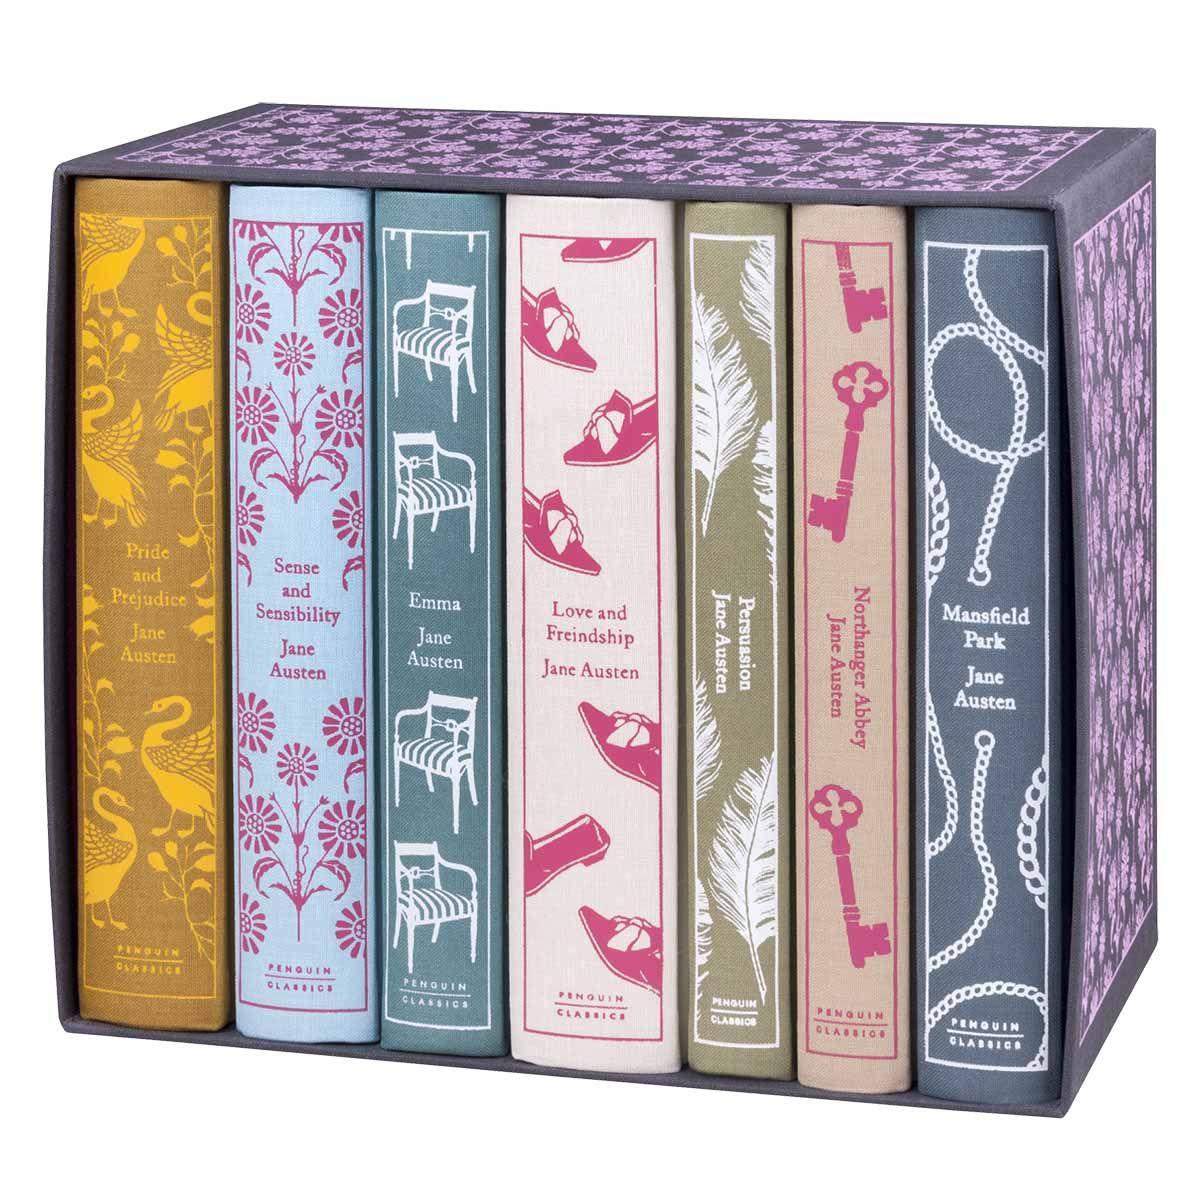 Penguin Classics Jane Austen Box Set In 2019 Want Jane Austen